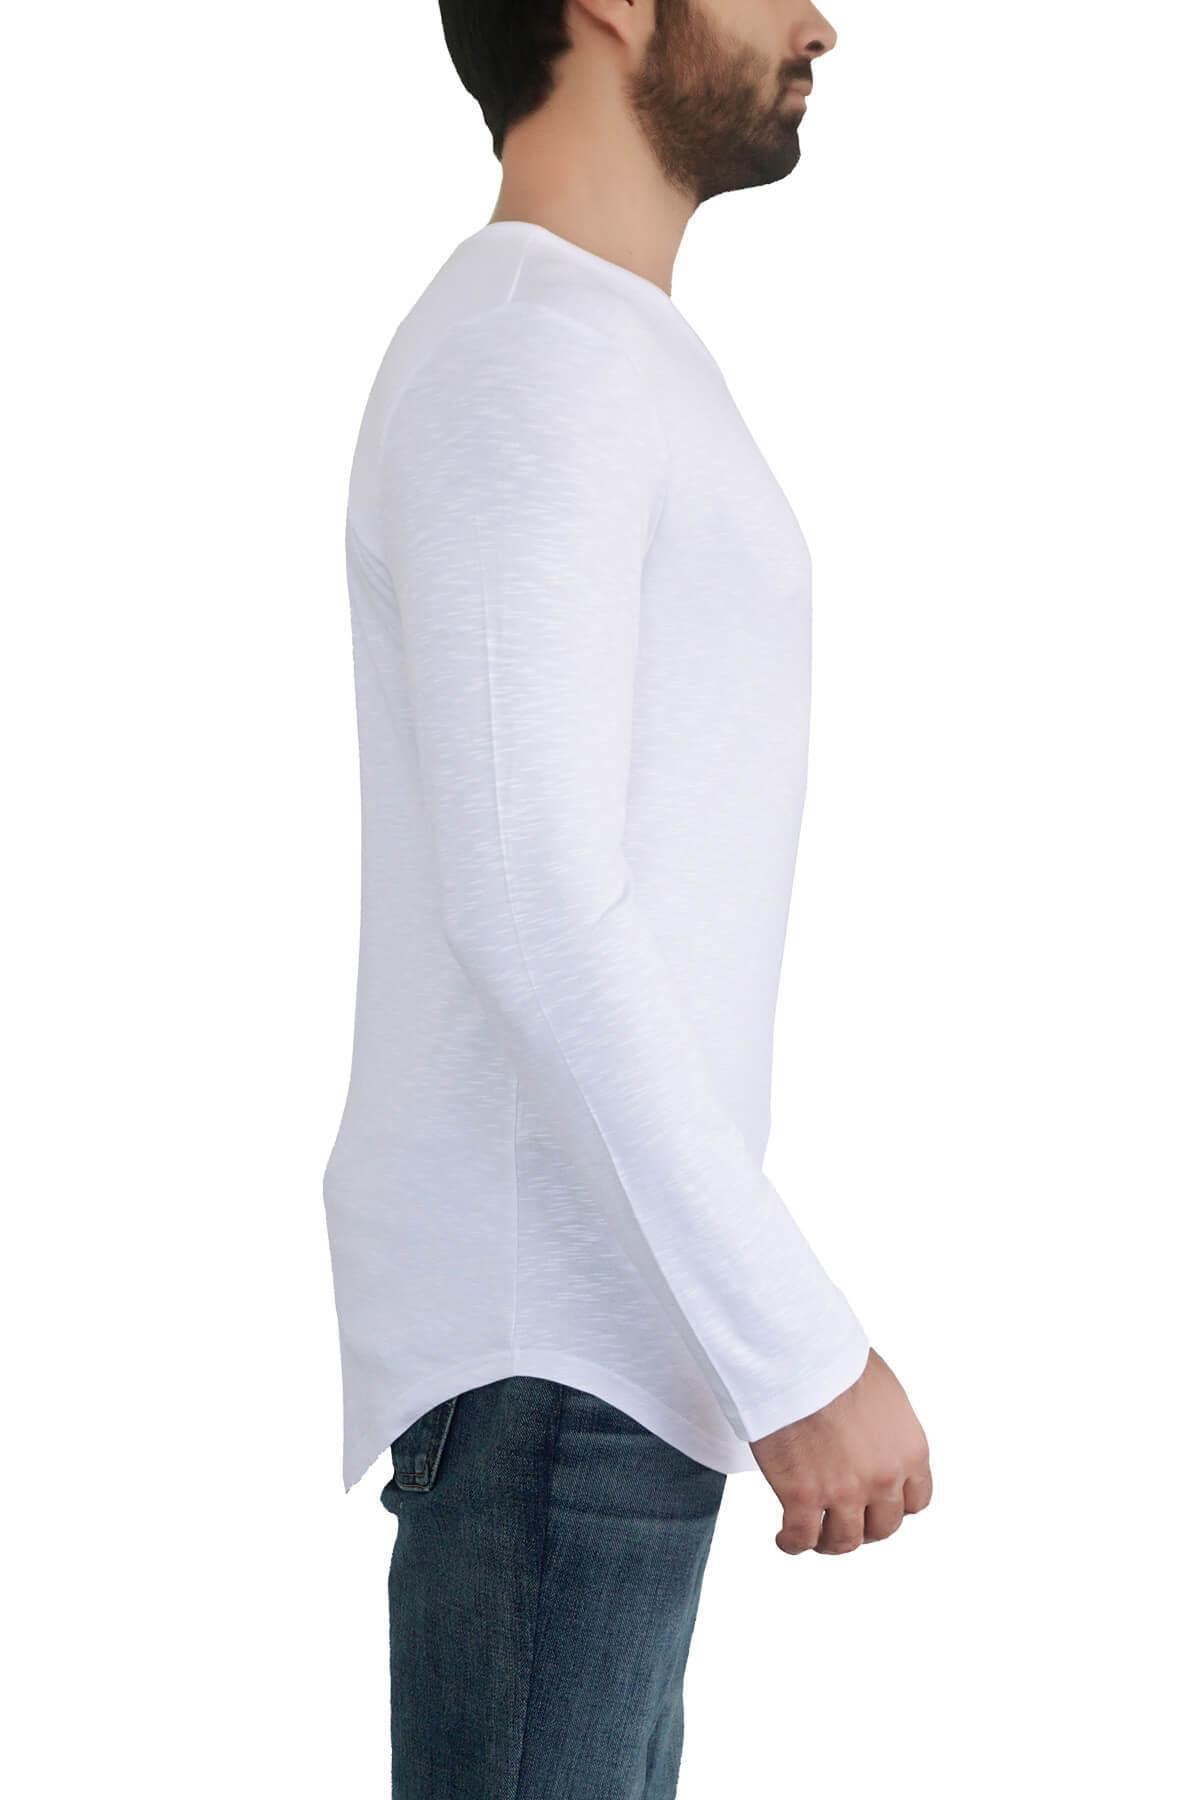 MOF Erkek Beyaz T-Shirt SYUKOET-B 2